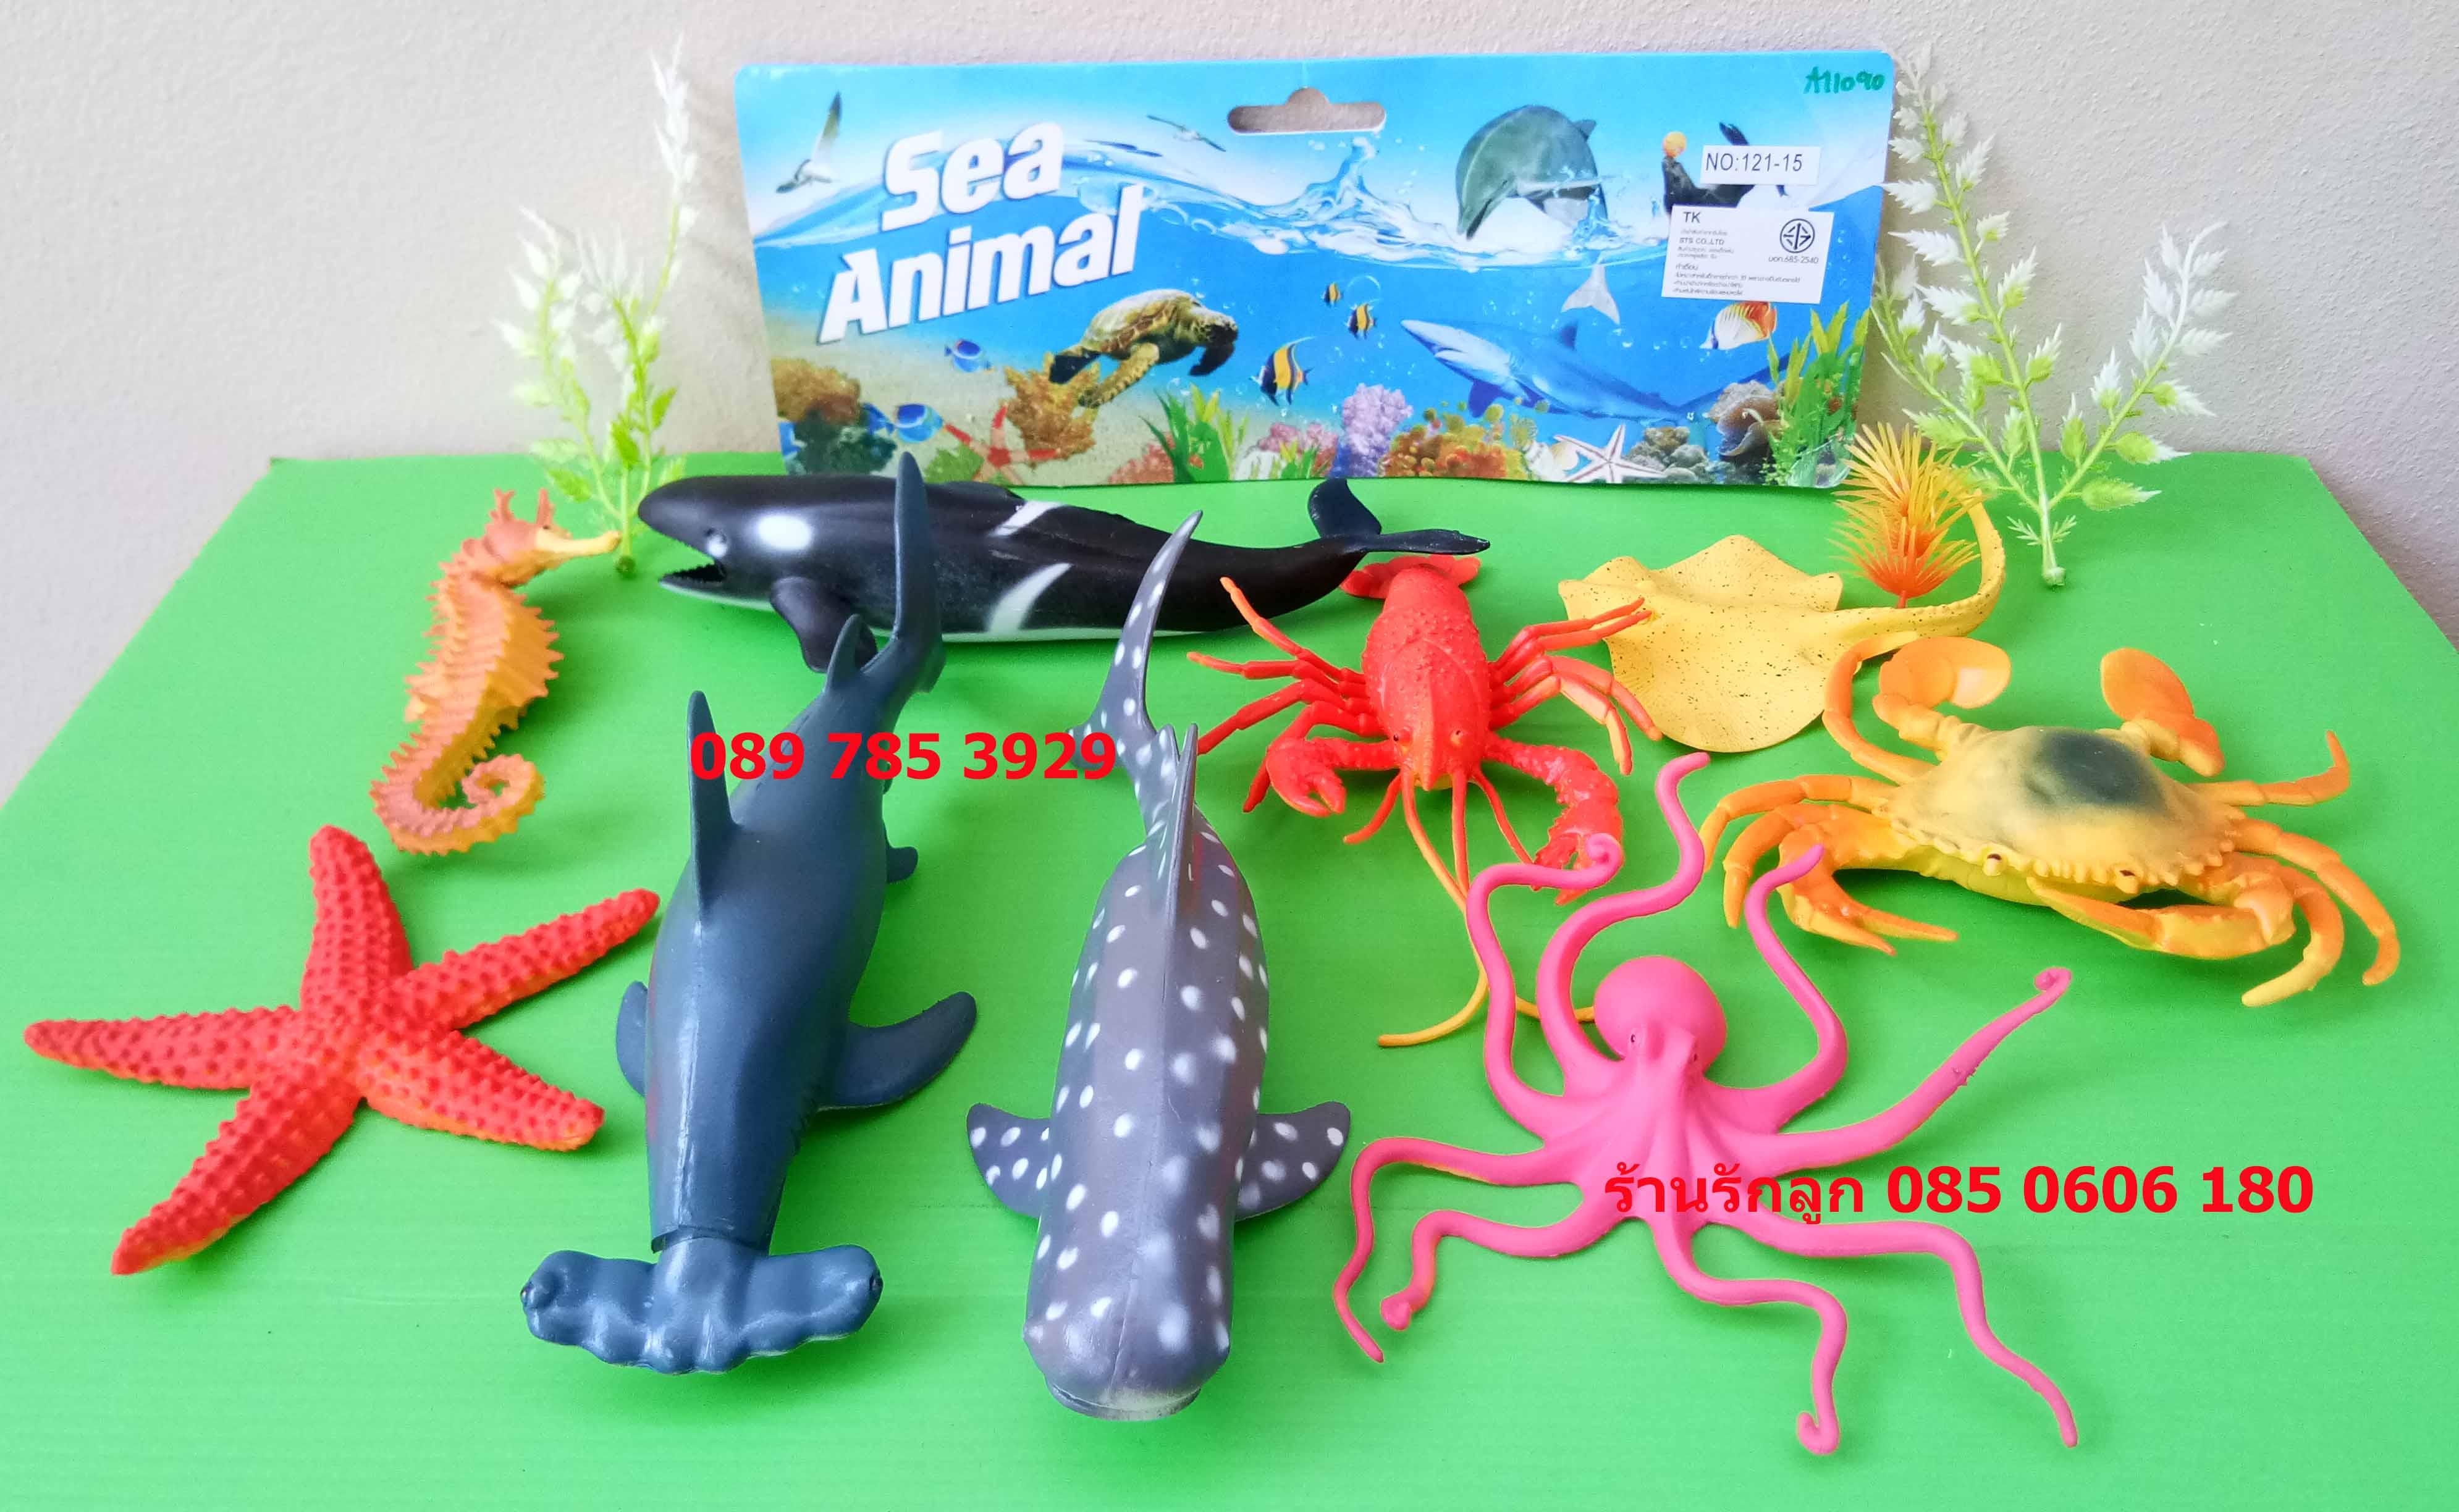 สัตว์ทะเลจำลองตัวใหญ่ Sea Animal